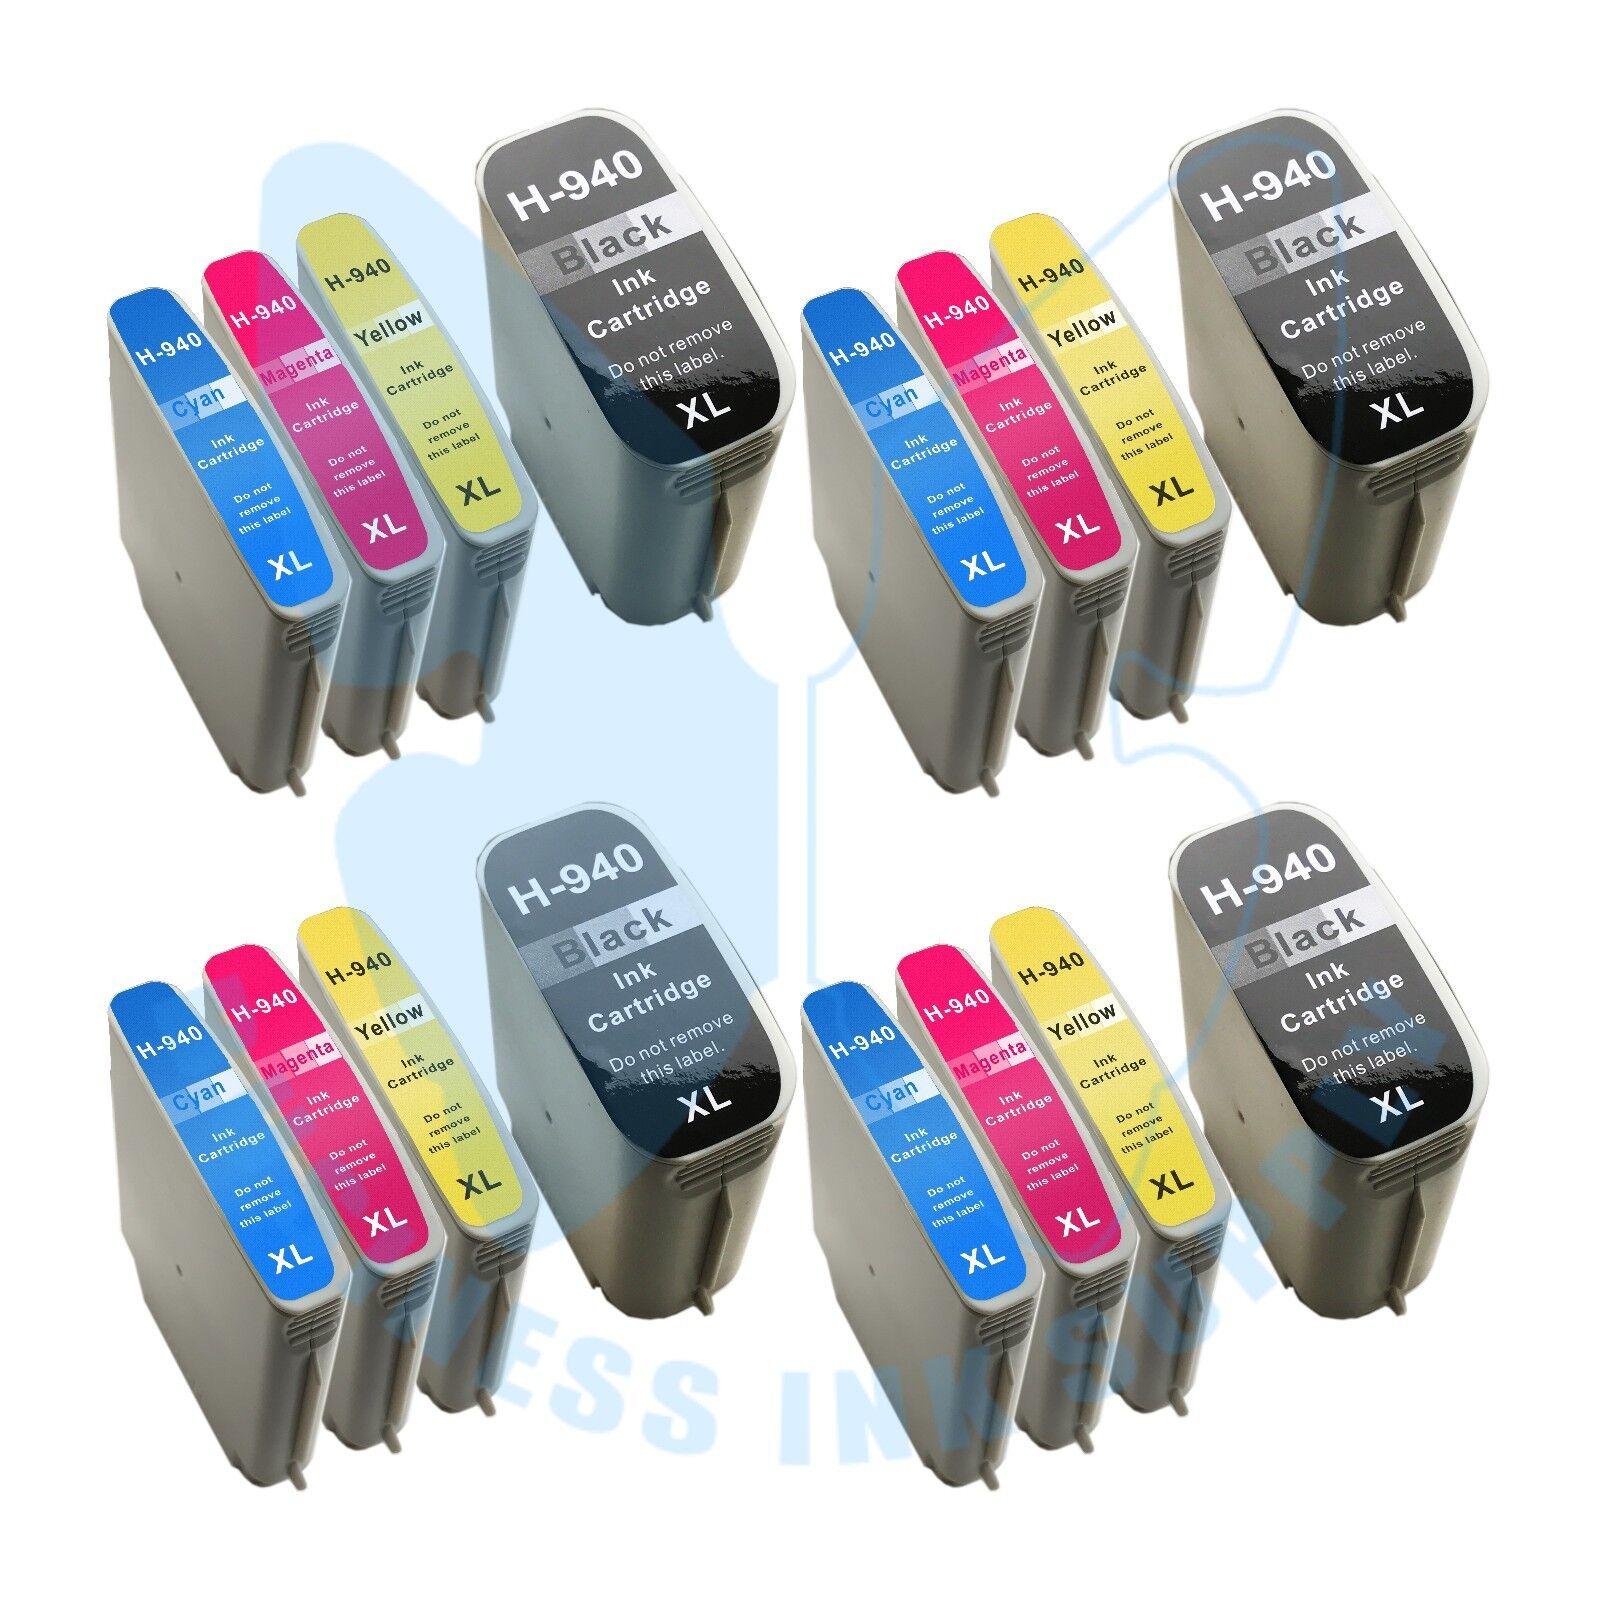 16 Pk 940xl 940 Ink Cartridges For Hp Officejet Pro 8000 ...